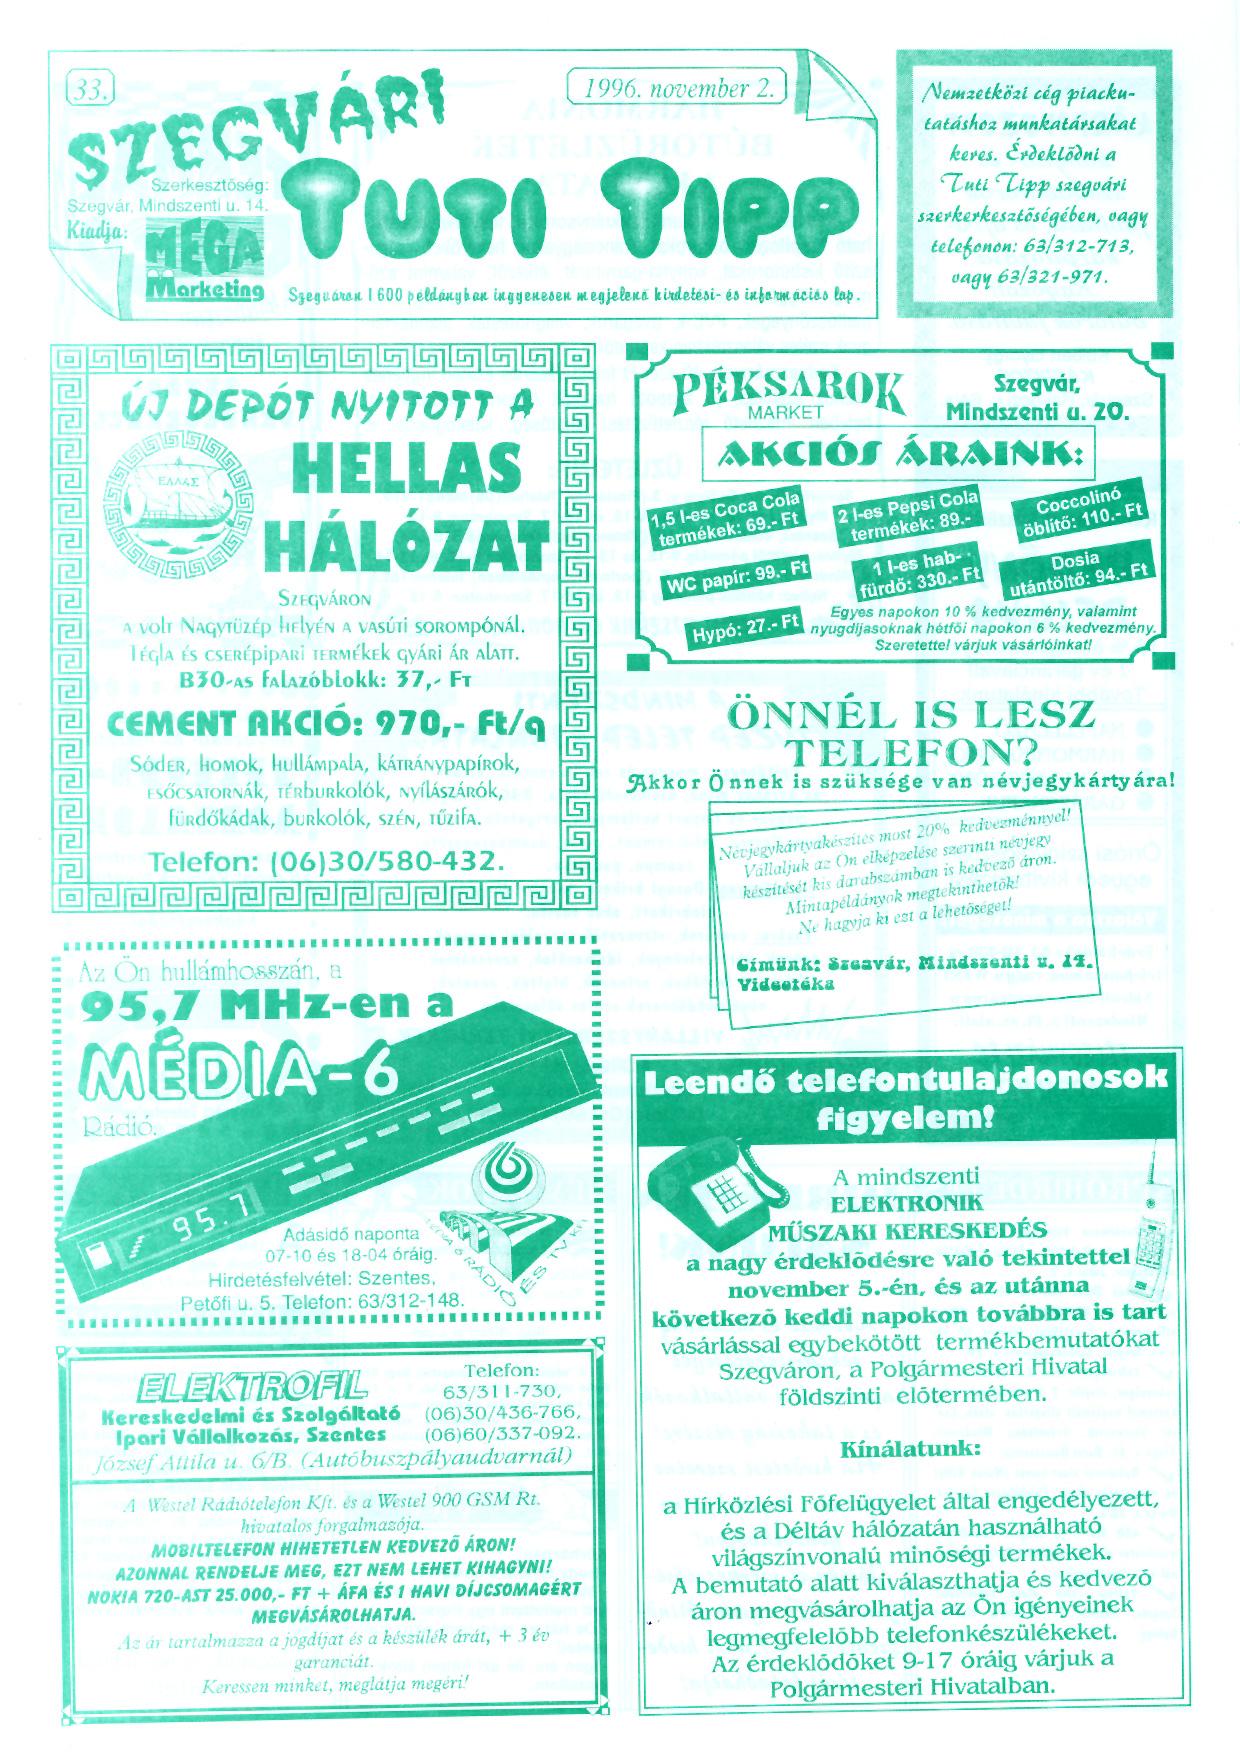 063 Szegvári Tuti Tipp reklámújság - 19961102-033. lapszám - 1.oldal - II. évfolyam.jpg